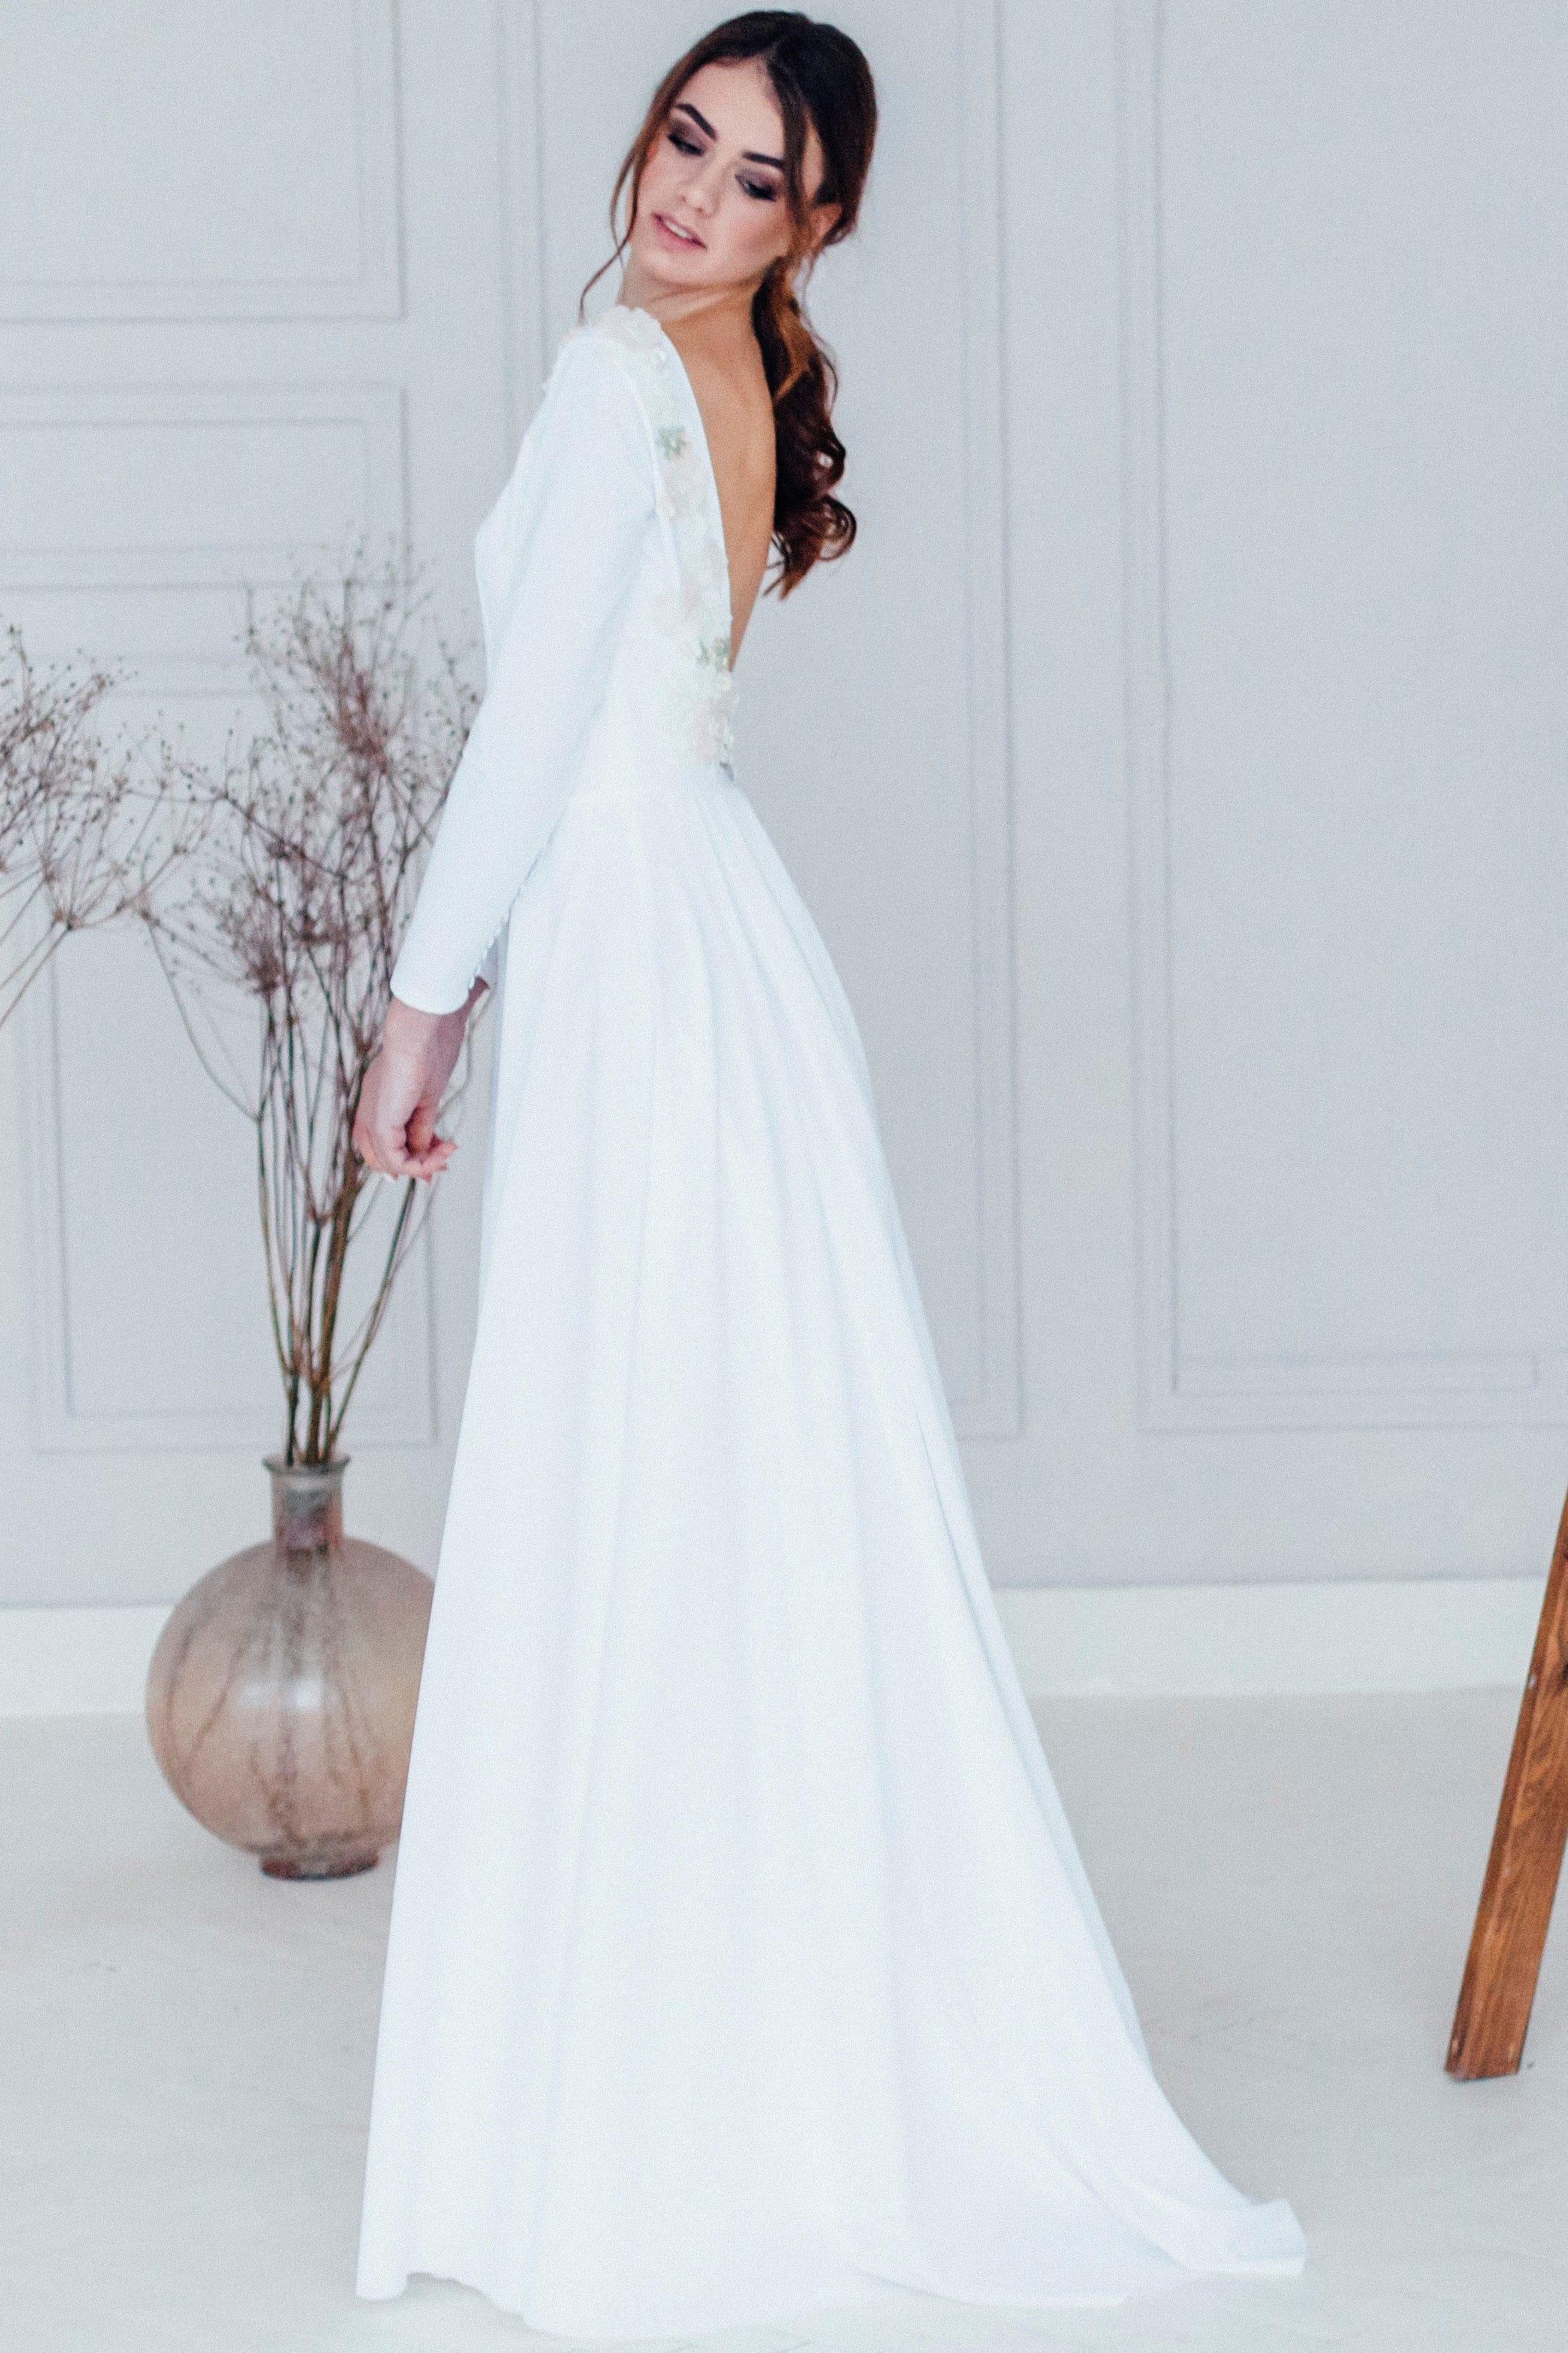 Свадебное платье MINORI, коллекция REFINED ELEGANCE, бренд OKA NOMO, фото 4